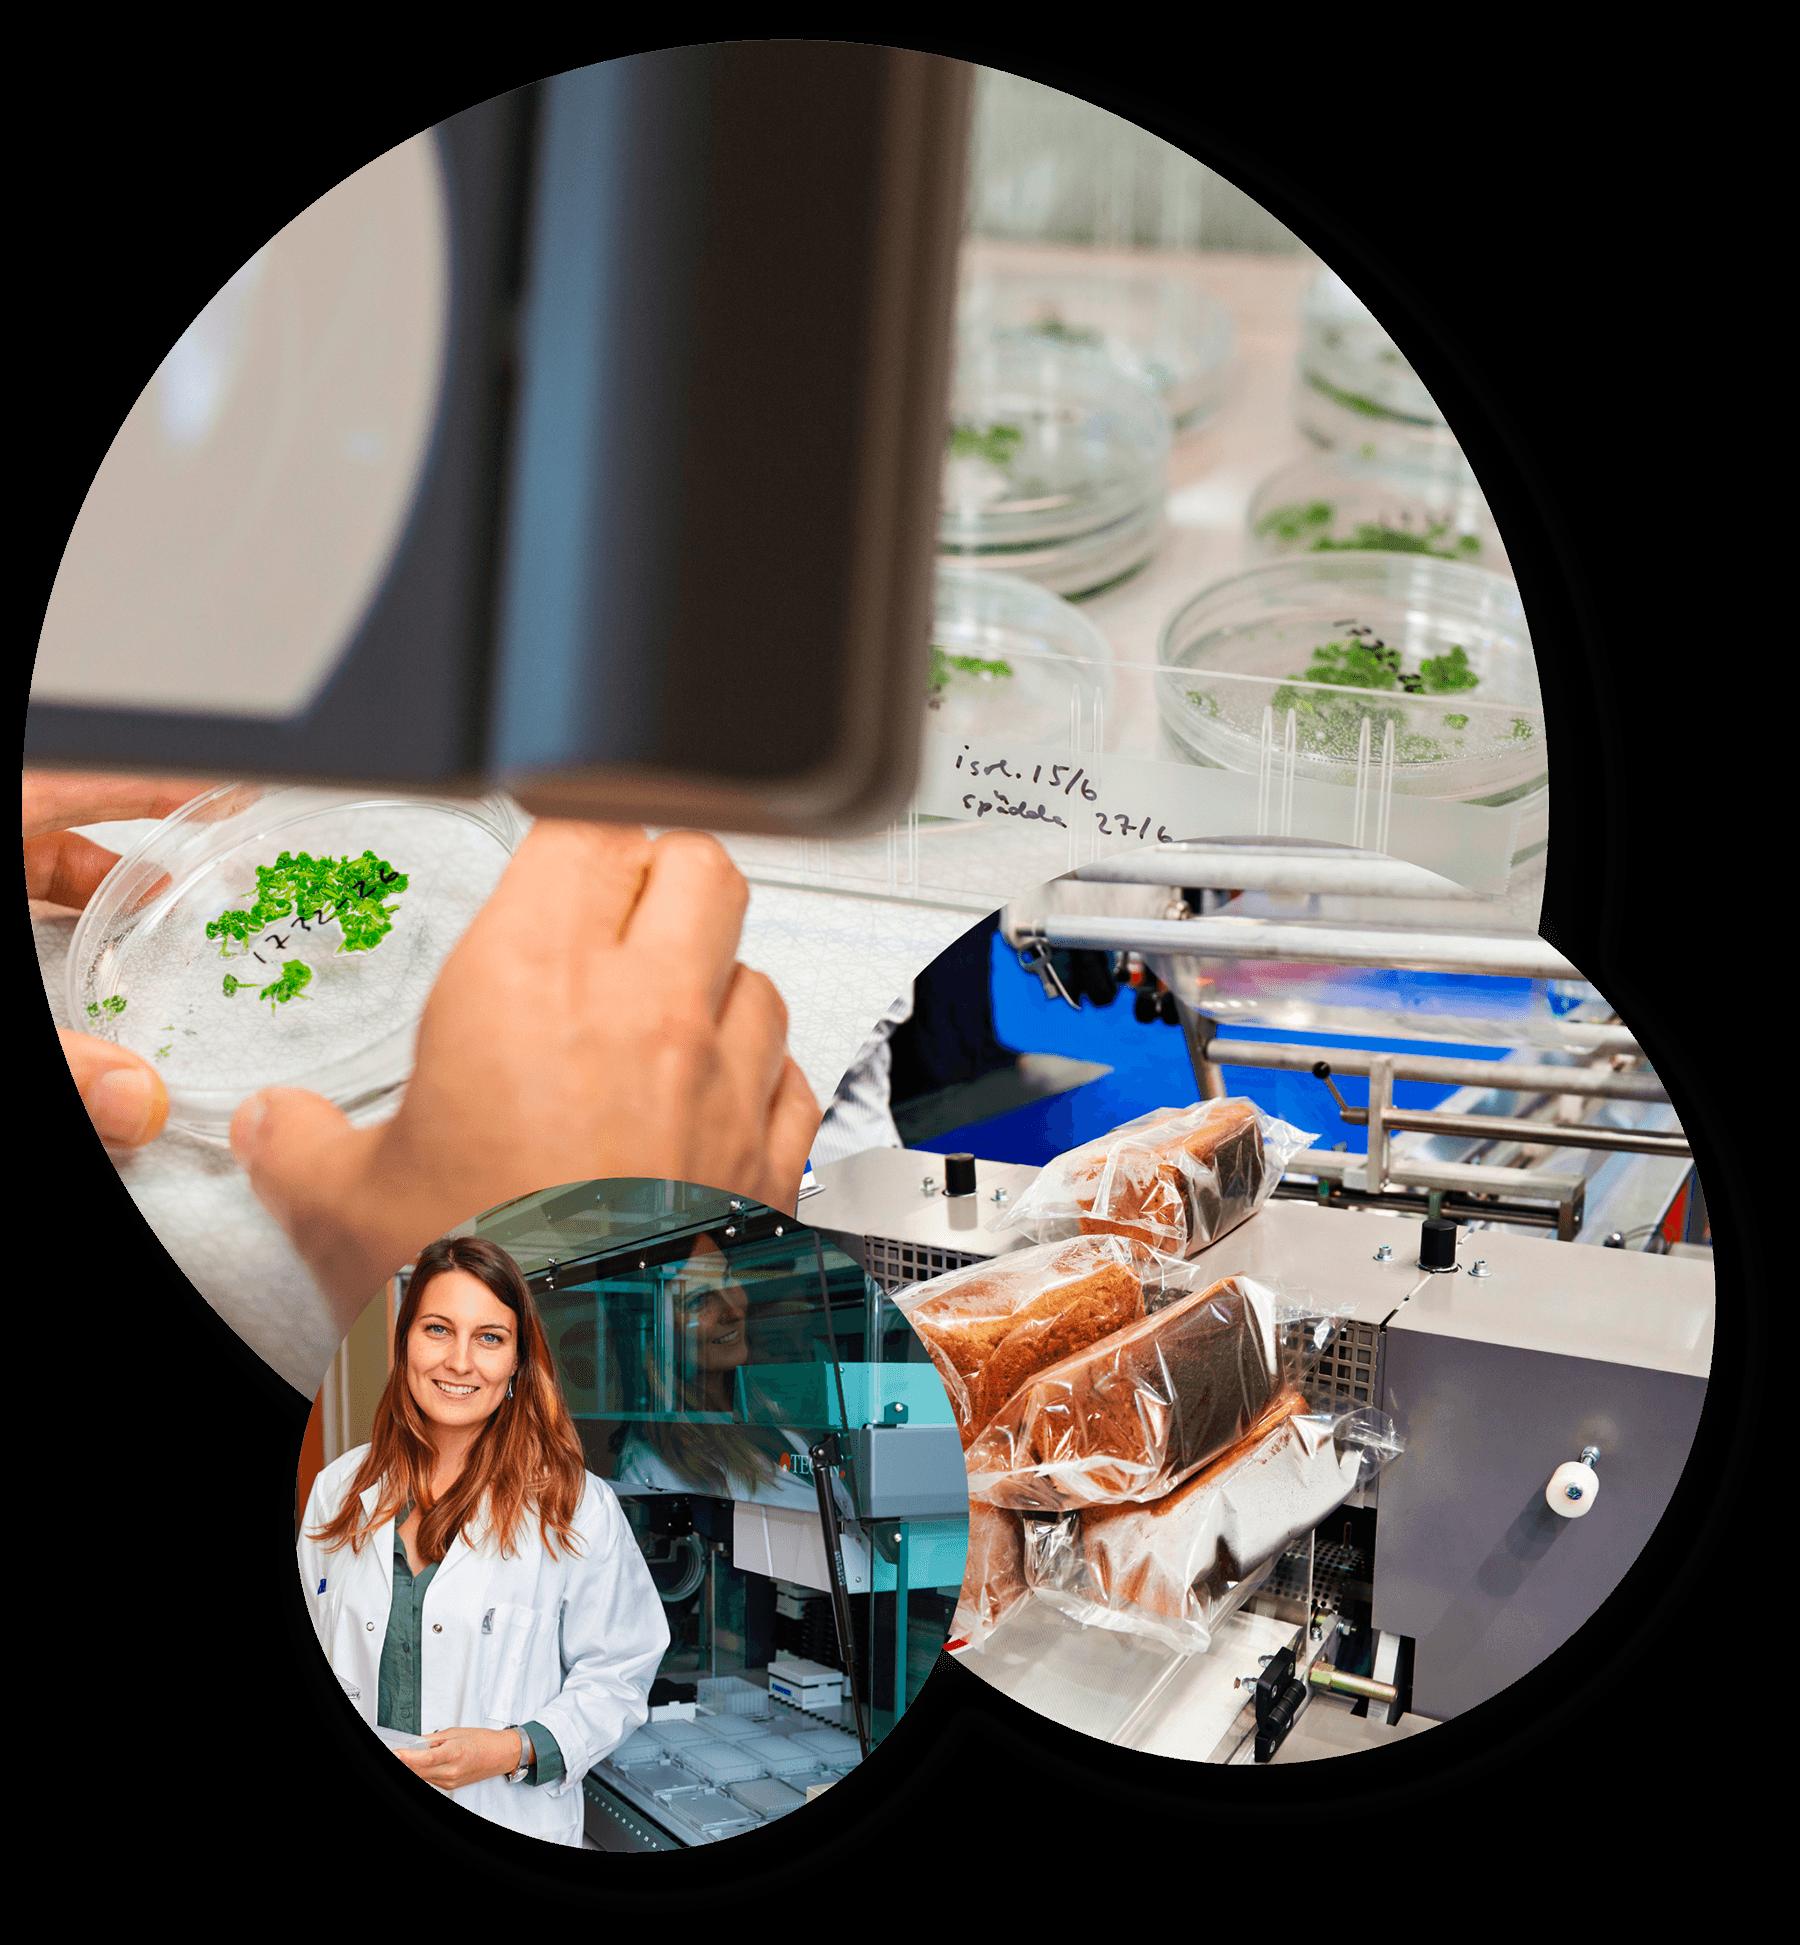 Analys i ett labb, kvinna med labbrock samt bröd i plastpåsar på en fabrik